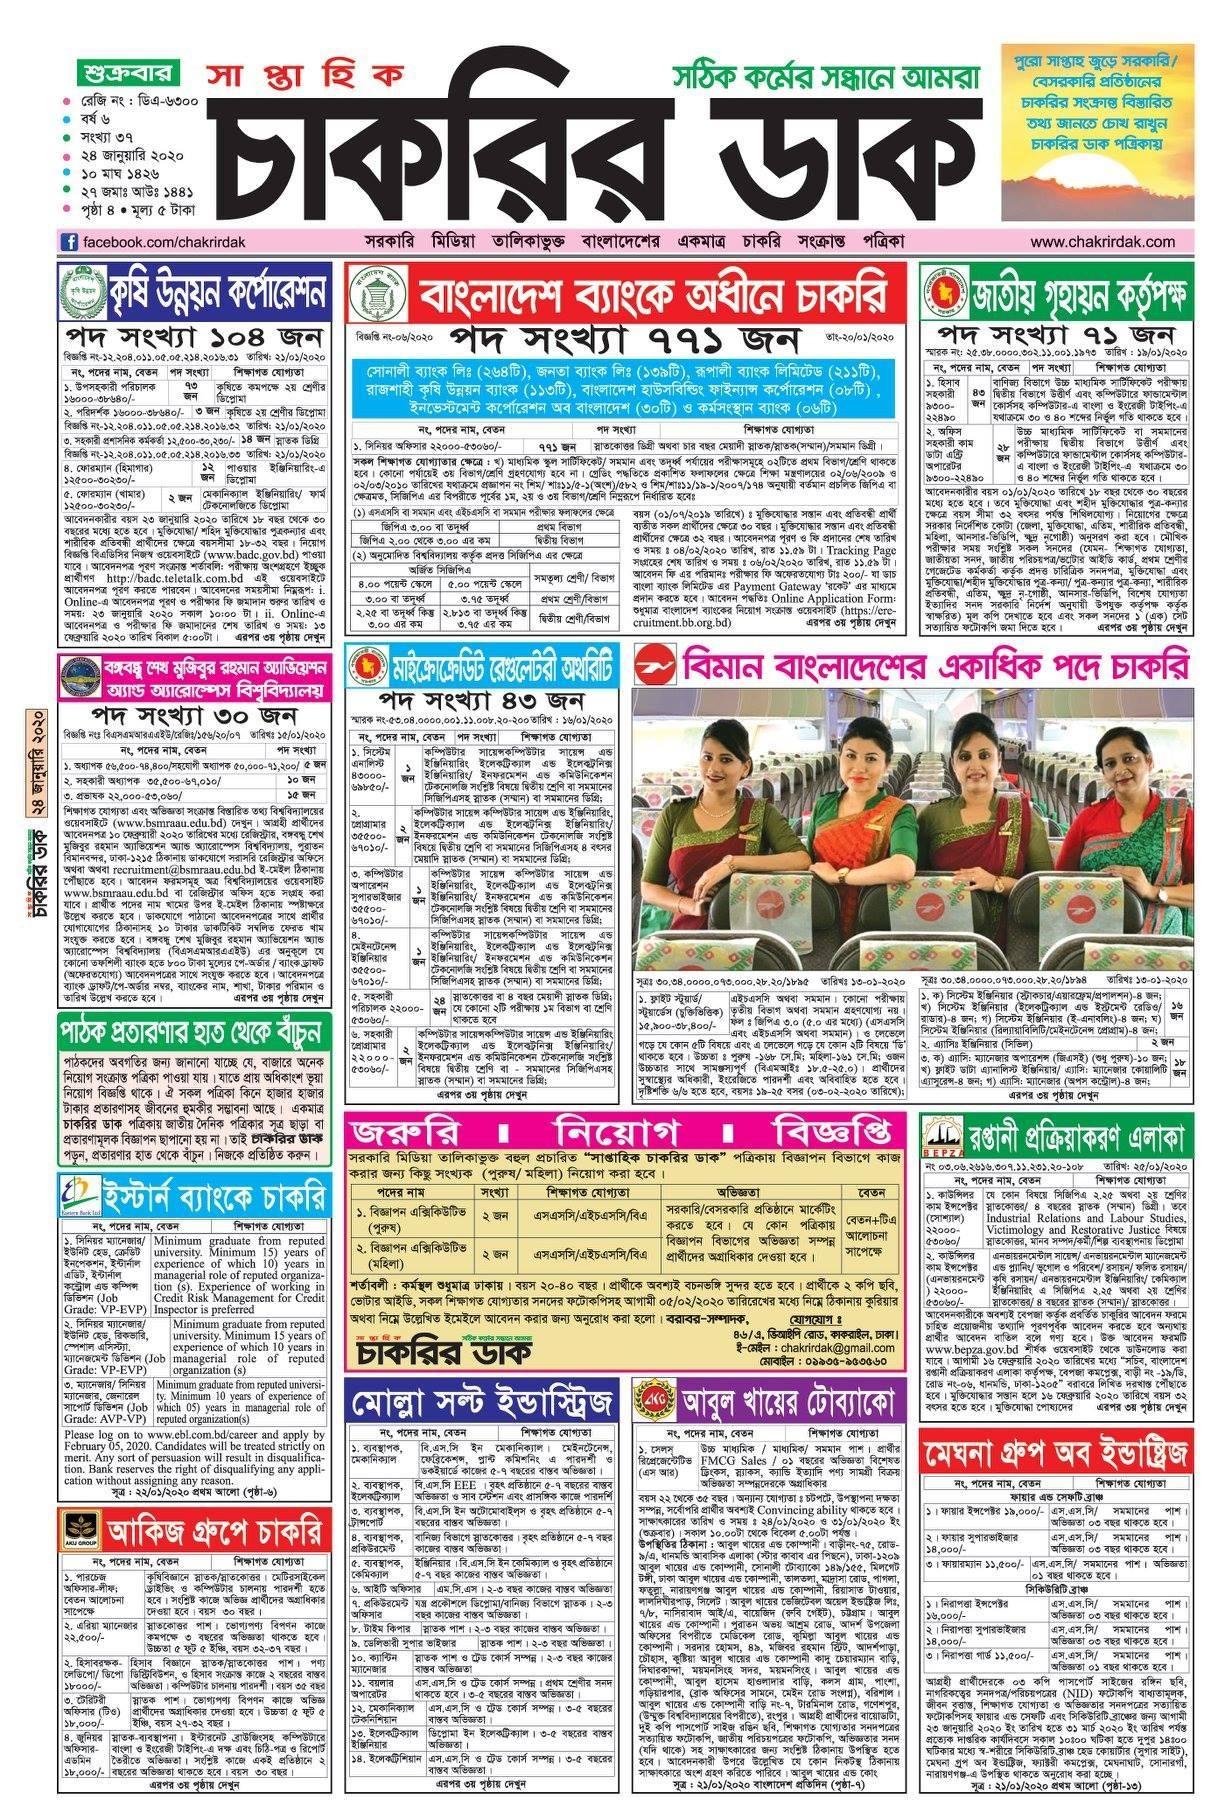 Saptahik Chakrir Khobor 17 January 2020-chakrirdak.com